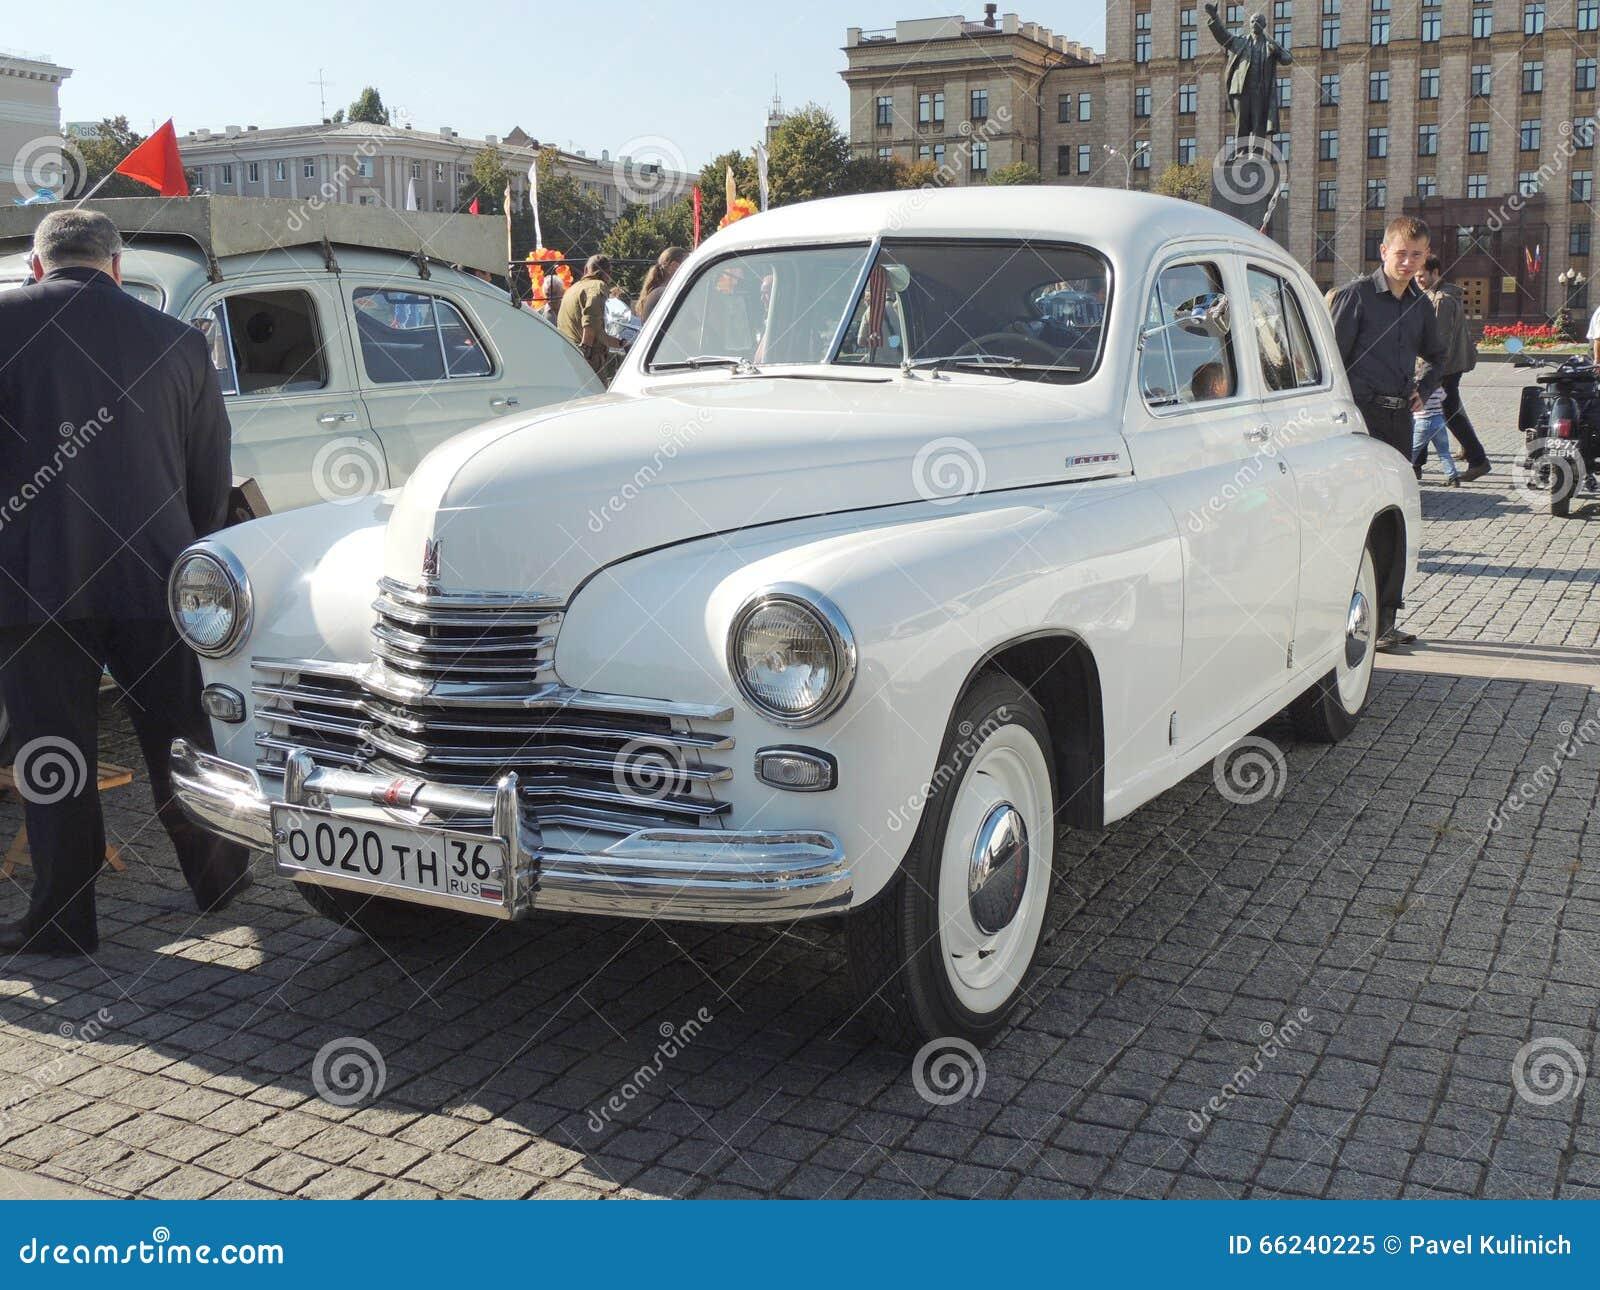 行政年代20车底50版本fastbackgaz-m20pobeda图片ii编辑类世纪长安悦翔v3汽车护板图片